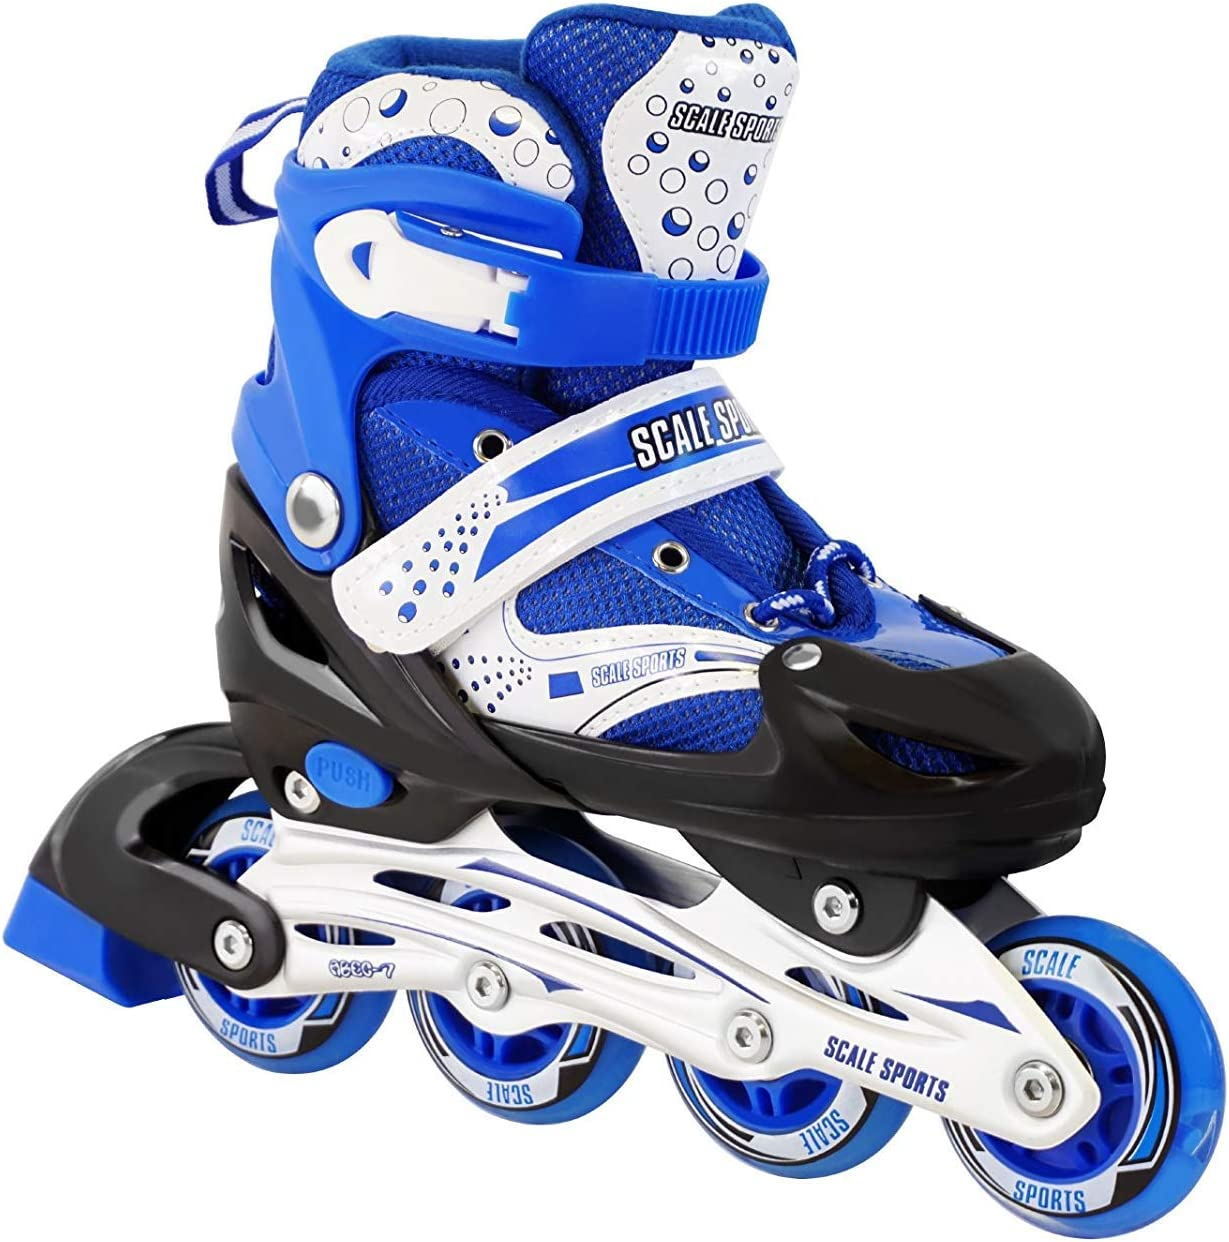 キッズ 調整可能 インラインスケート ローラーブレード スケールスポーツ アウトドア 耐久 パーフェクト ファーストスケート ブルー Large